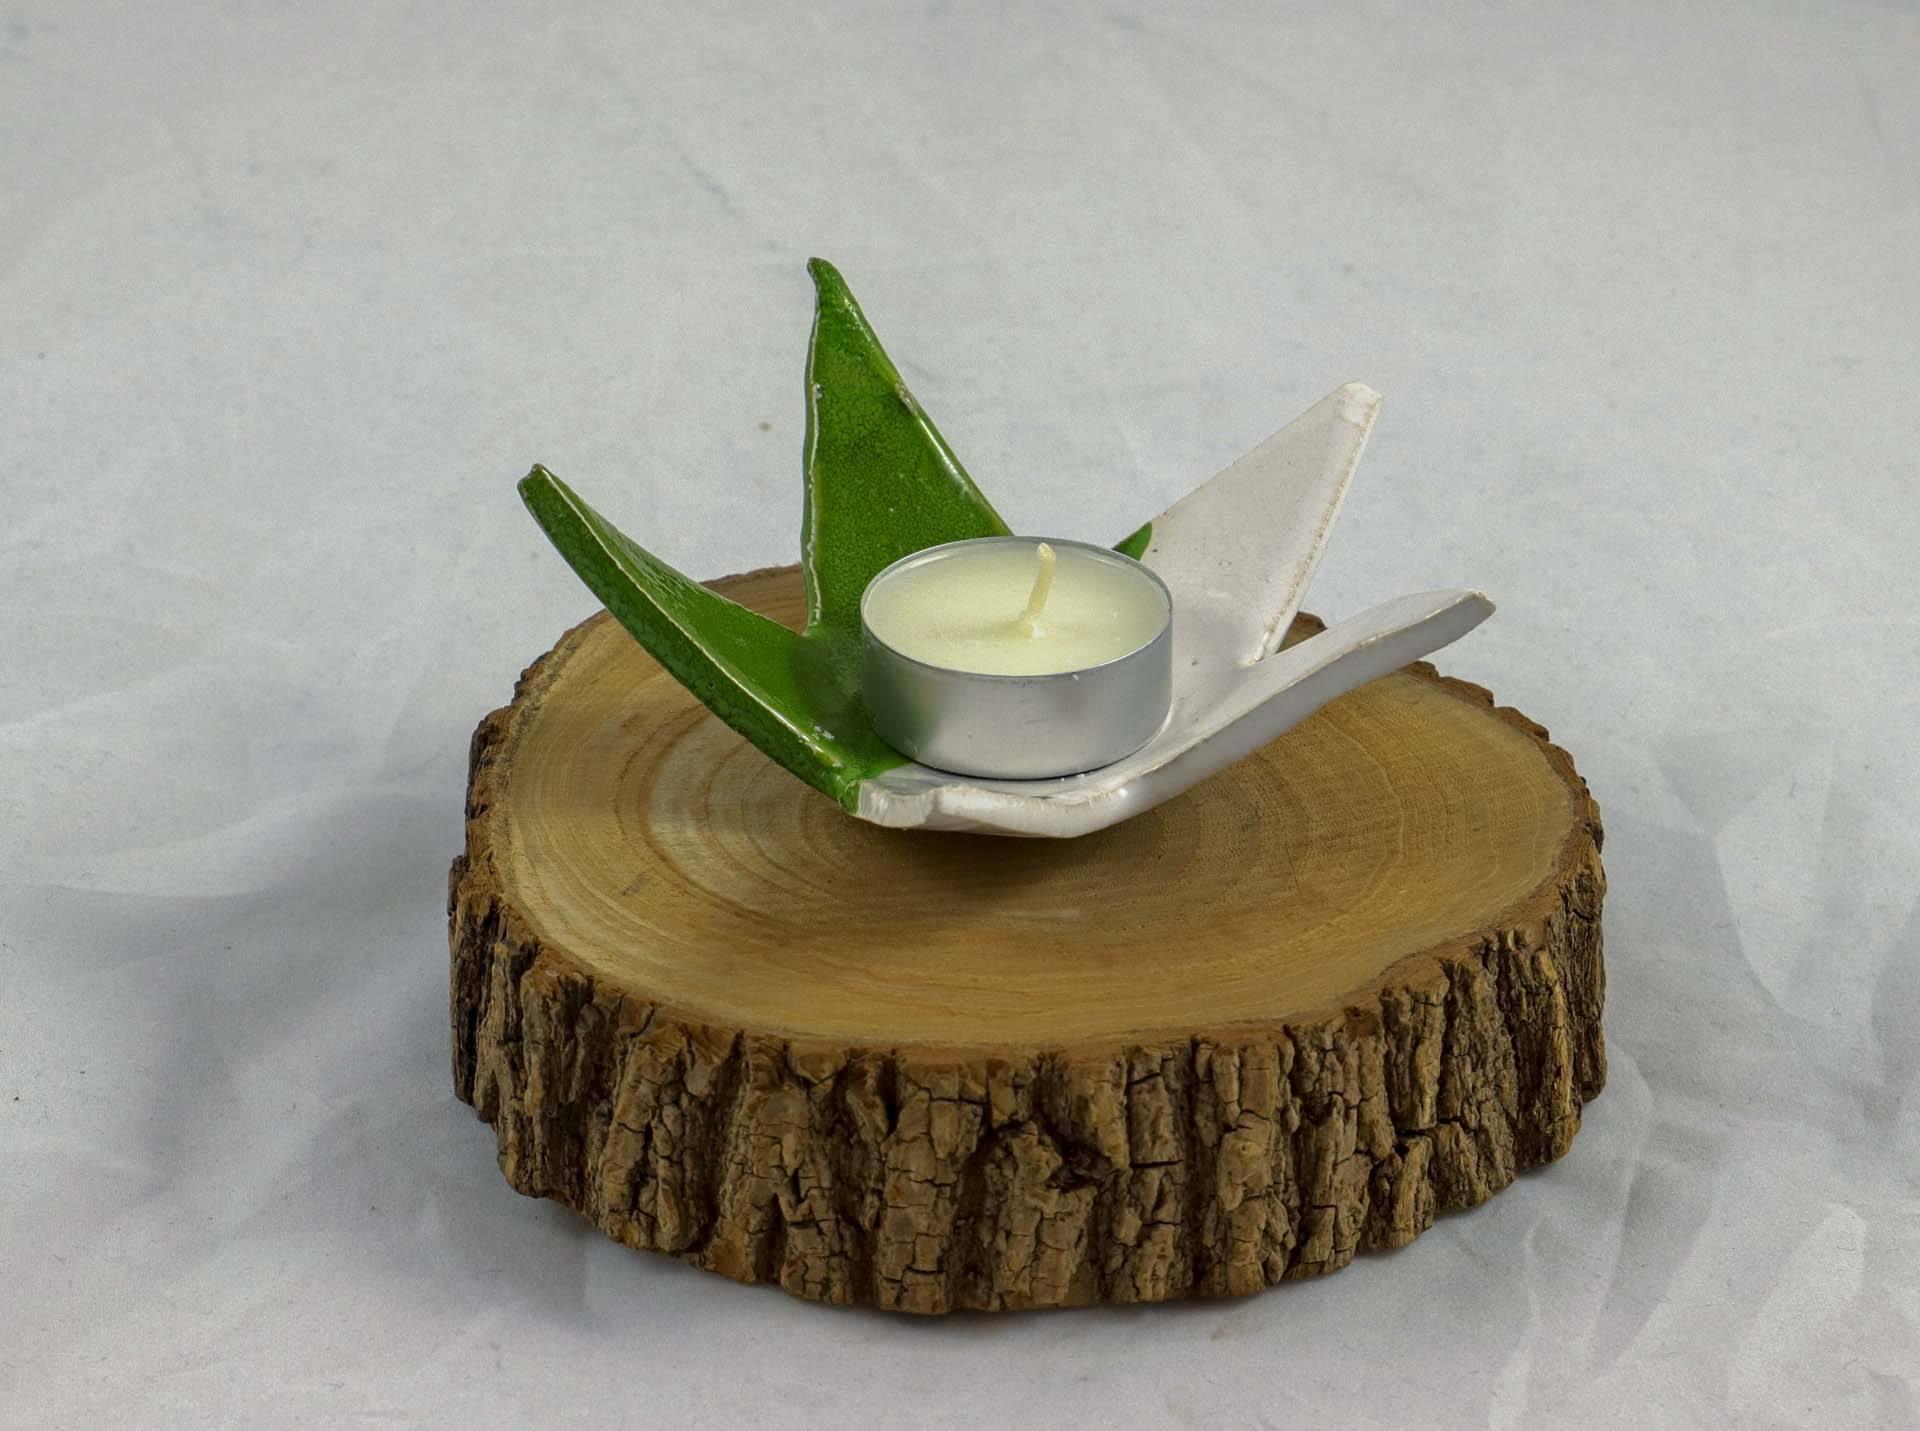 Petra Zobl Keramik - Sterne für Teelicht grün und weiß